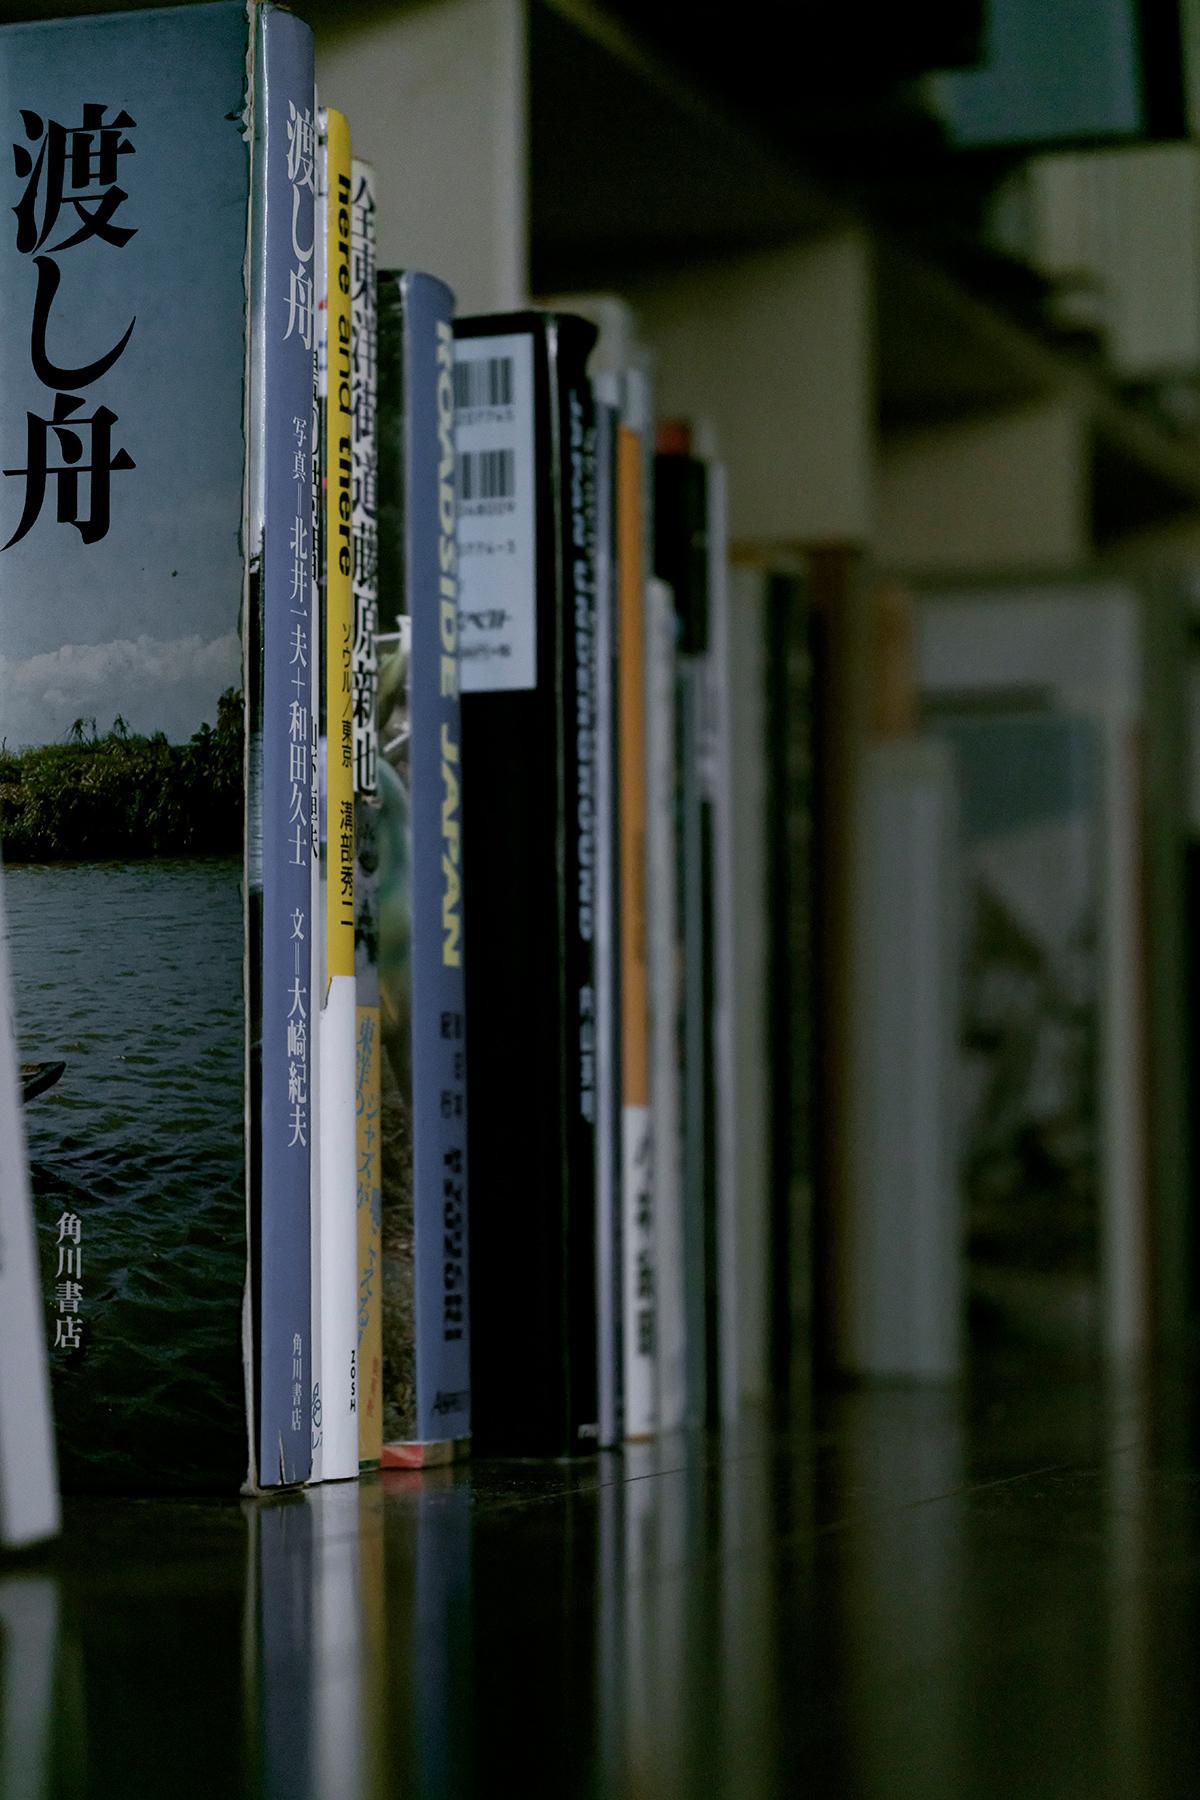 漆と金継ぎと「共直し」を主軸とした修復専門家のアトリエに   開口部のある本棚 / Shelf (No.09)   マルゲリータ使用例